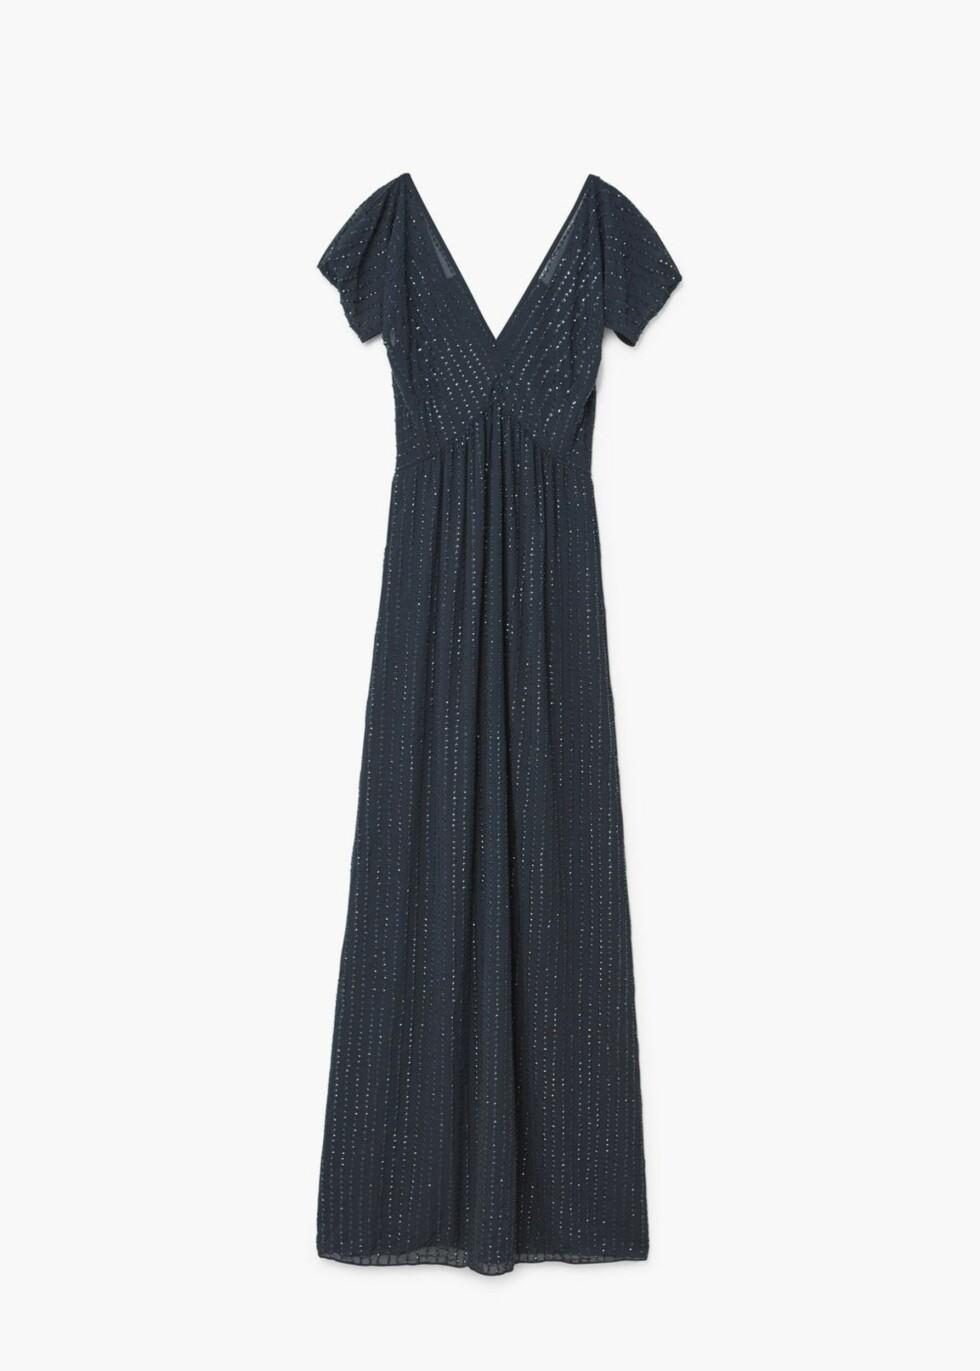 Kjole fra Mango |1799,-| https://shop.mango.com/no/damer/kjoler-lang/kjole-med-paljettbroderi_13083698.html?c=69&n=1&s=prendas.familia;32.dresses32;Largos&ts=1513092419604